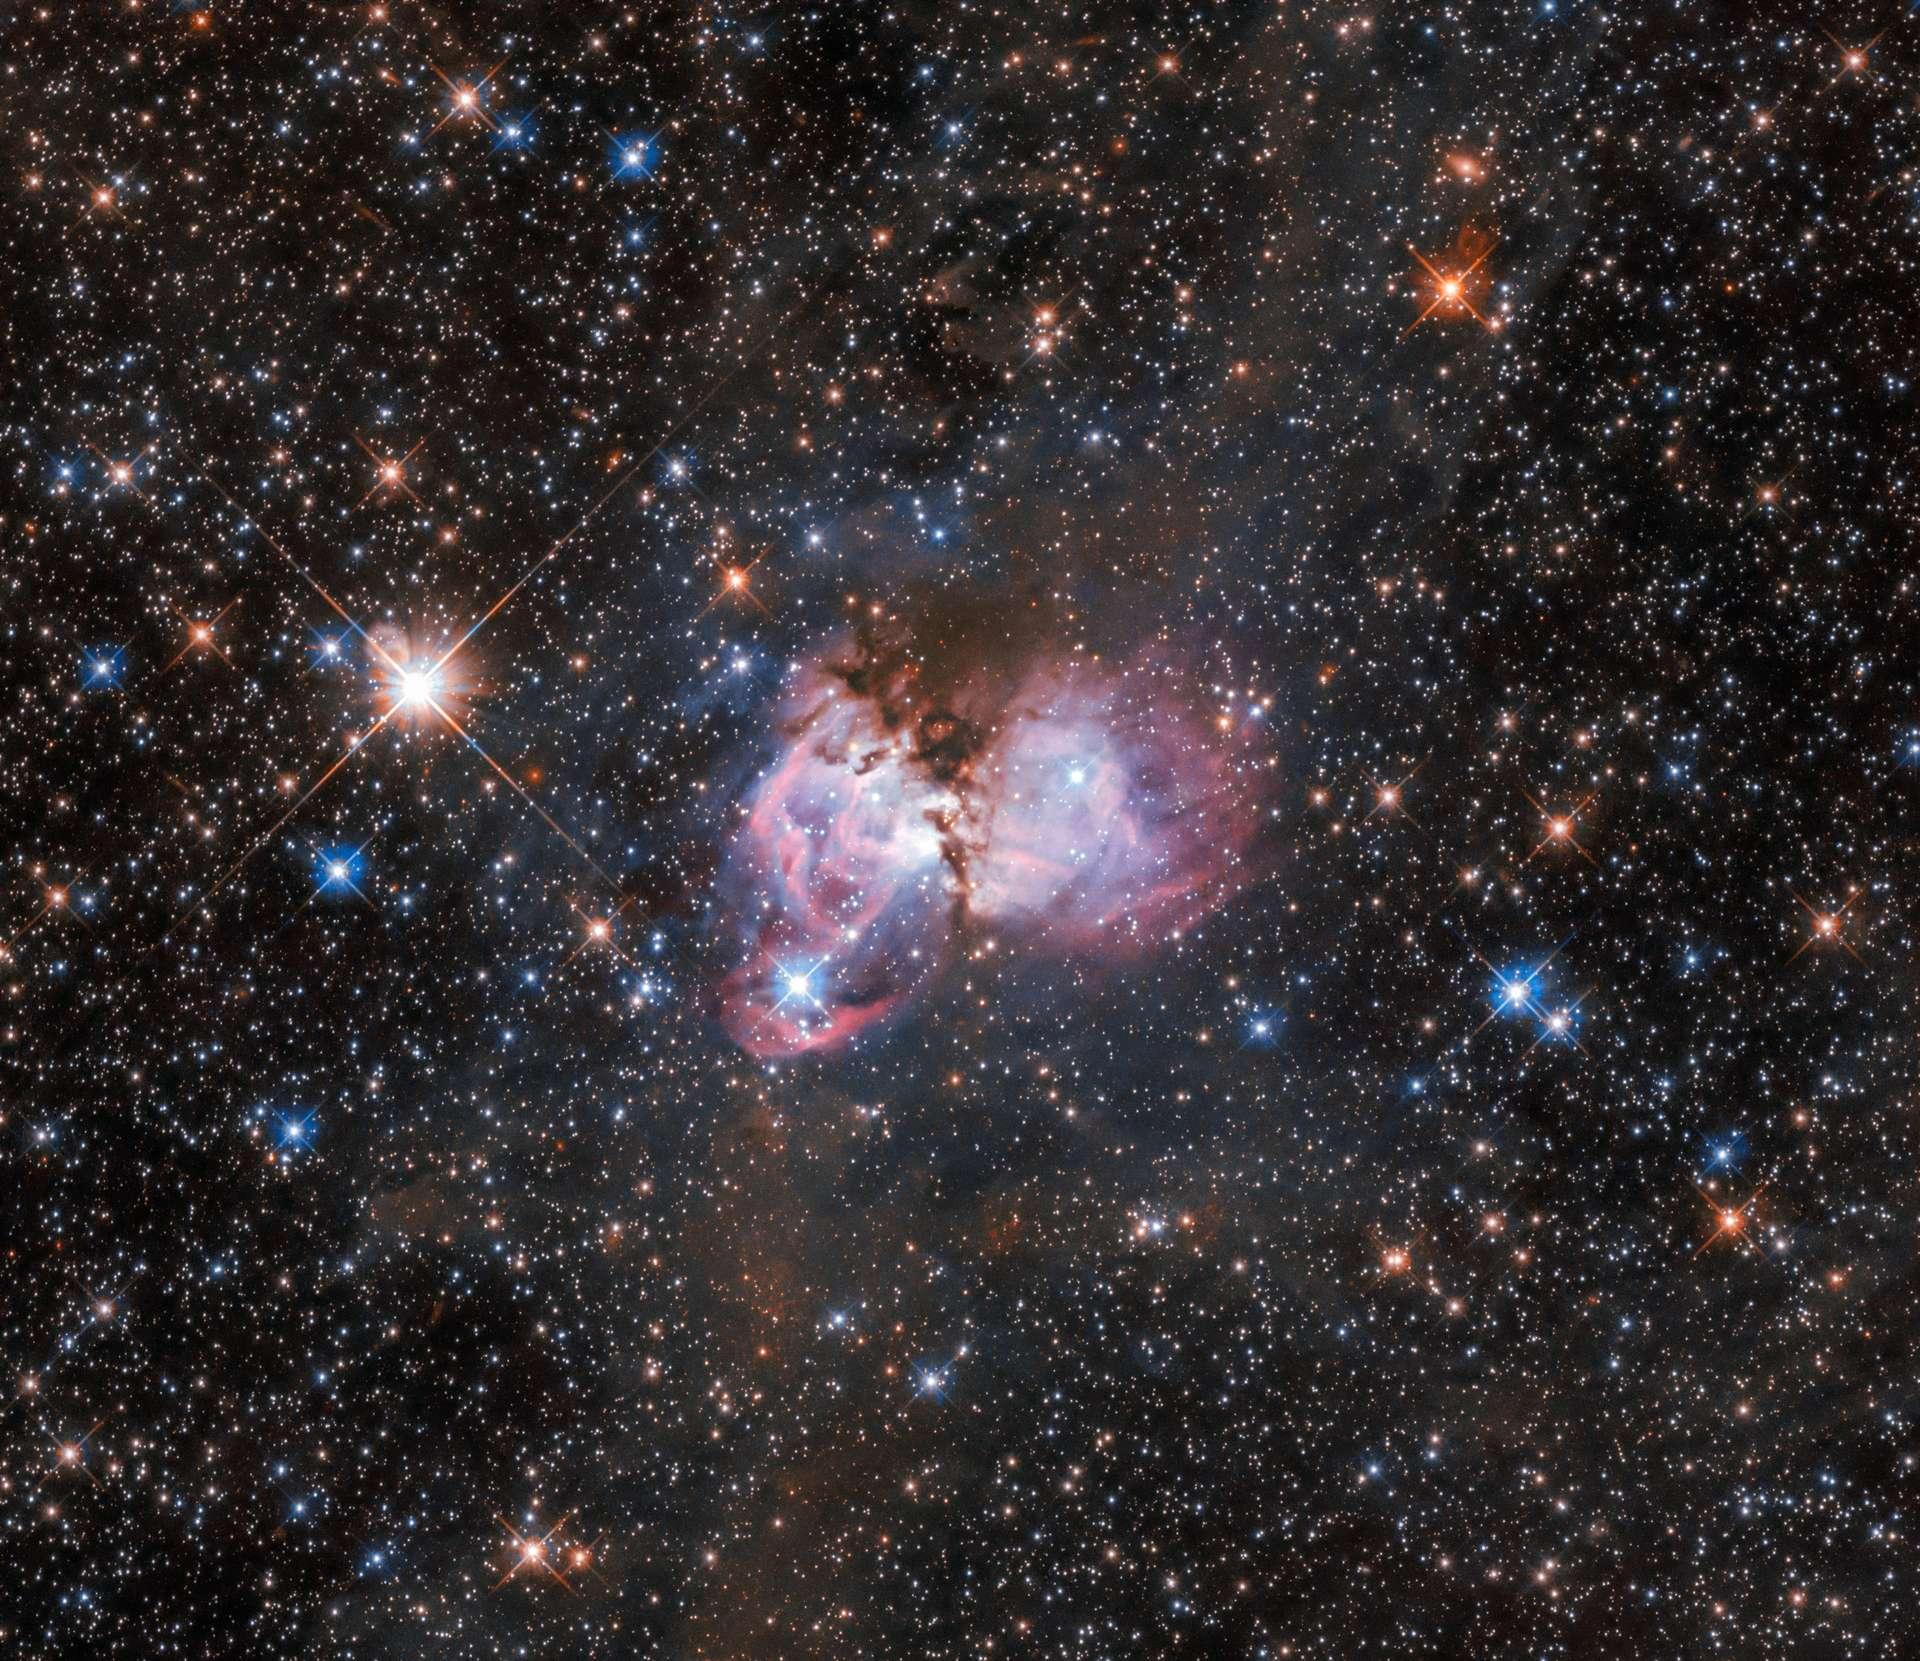 LHA 120-N 150, en lisière de la nébuleuse de la Tarentule, appartient à l'immense nuage qui s'étend sur plus de 1.000 années-lumière. © ESA, Hubble, Nasa, I. Stephens